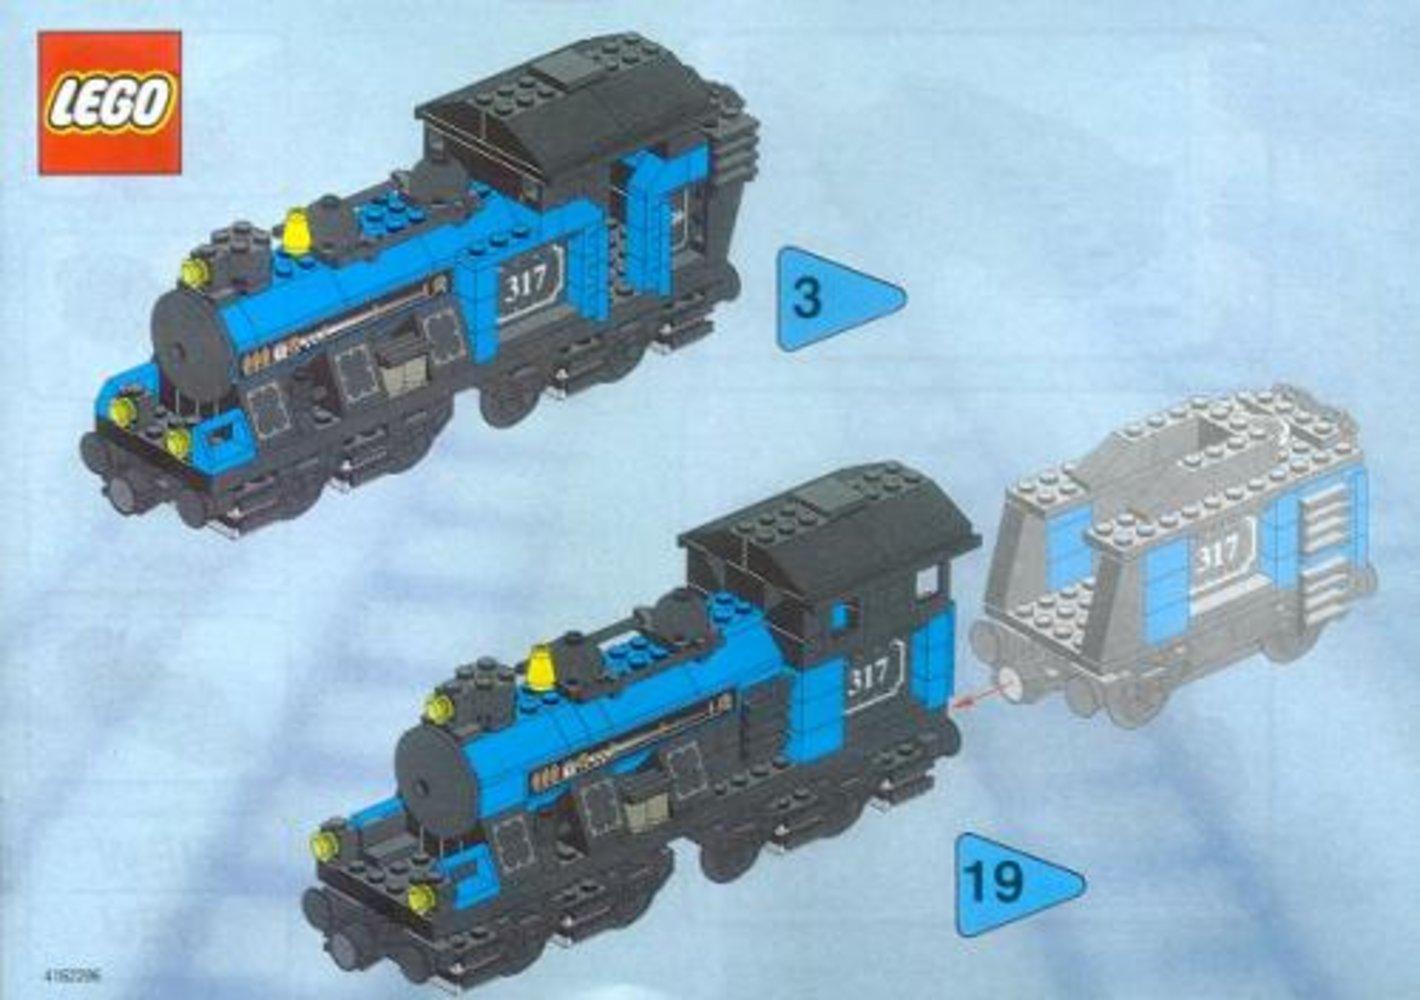 Large Locomotive (base unit without color trim elements)